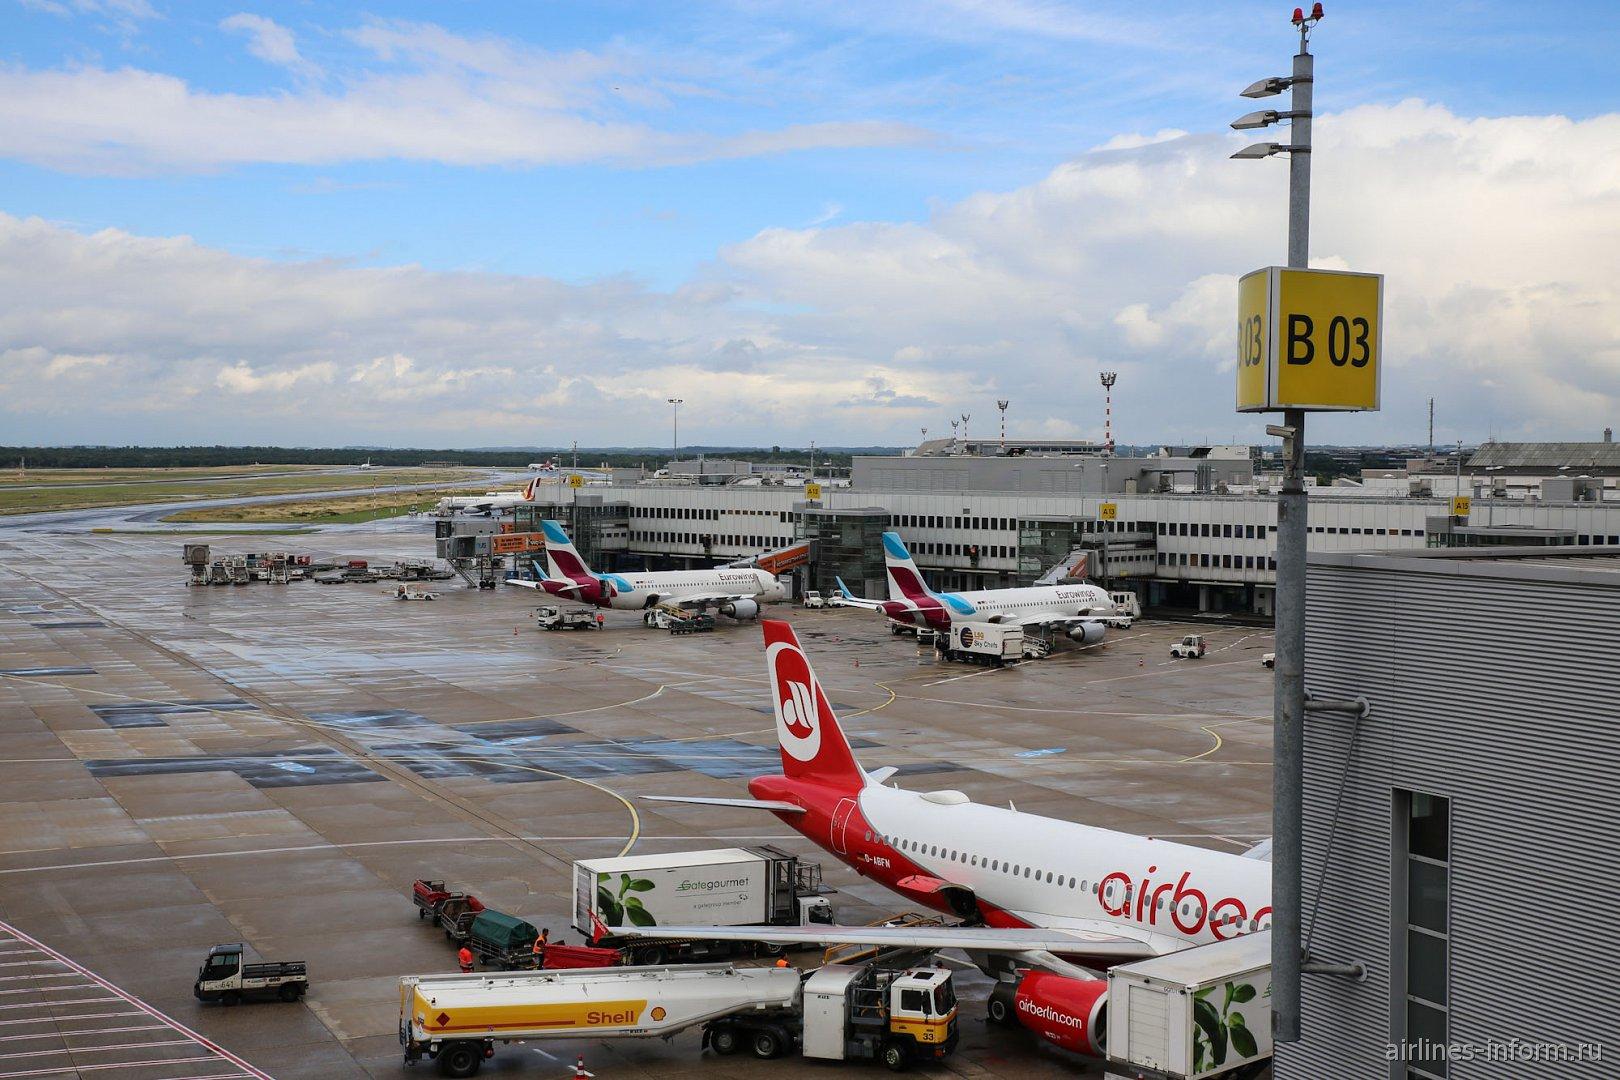 Вид на перрон со смотровой площадки в аэропорту Дюссельдорфа